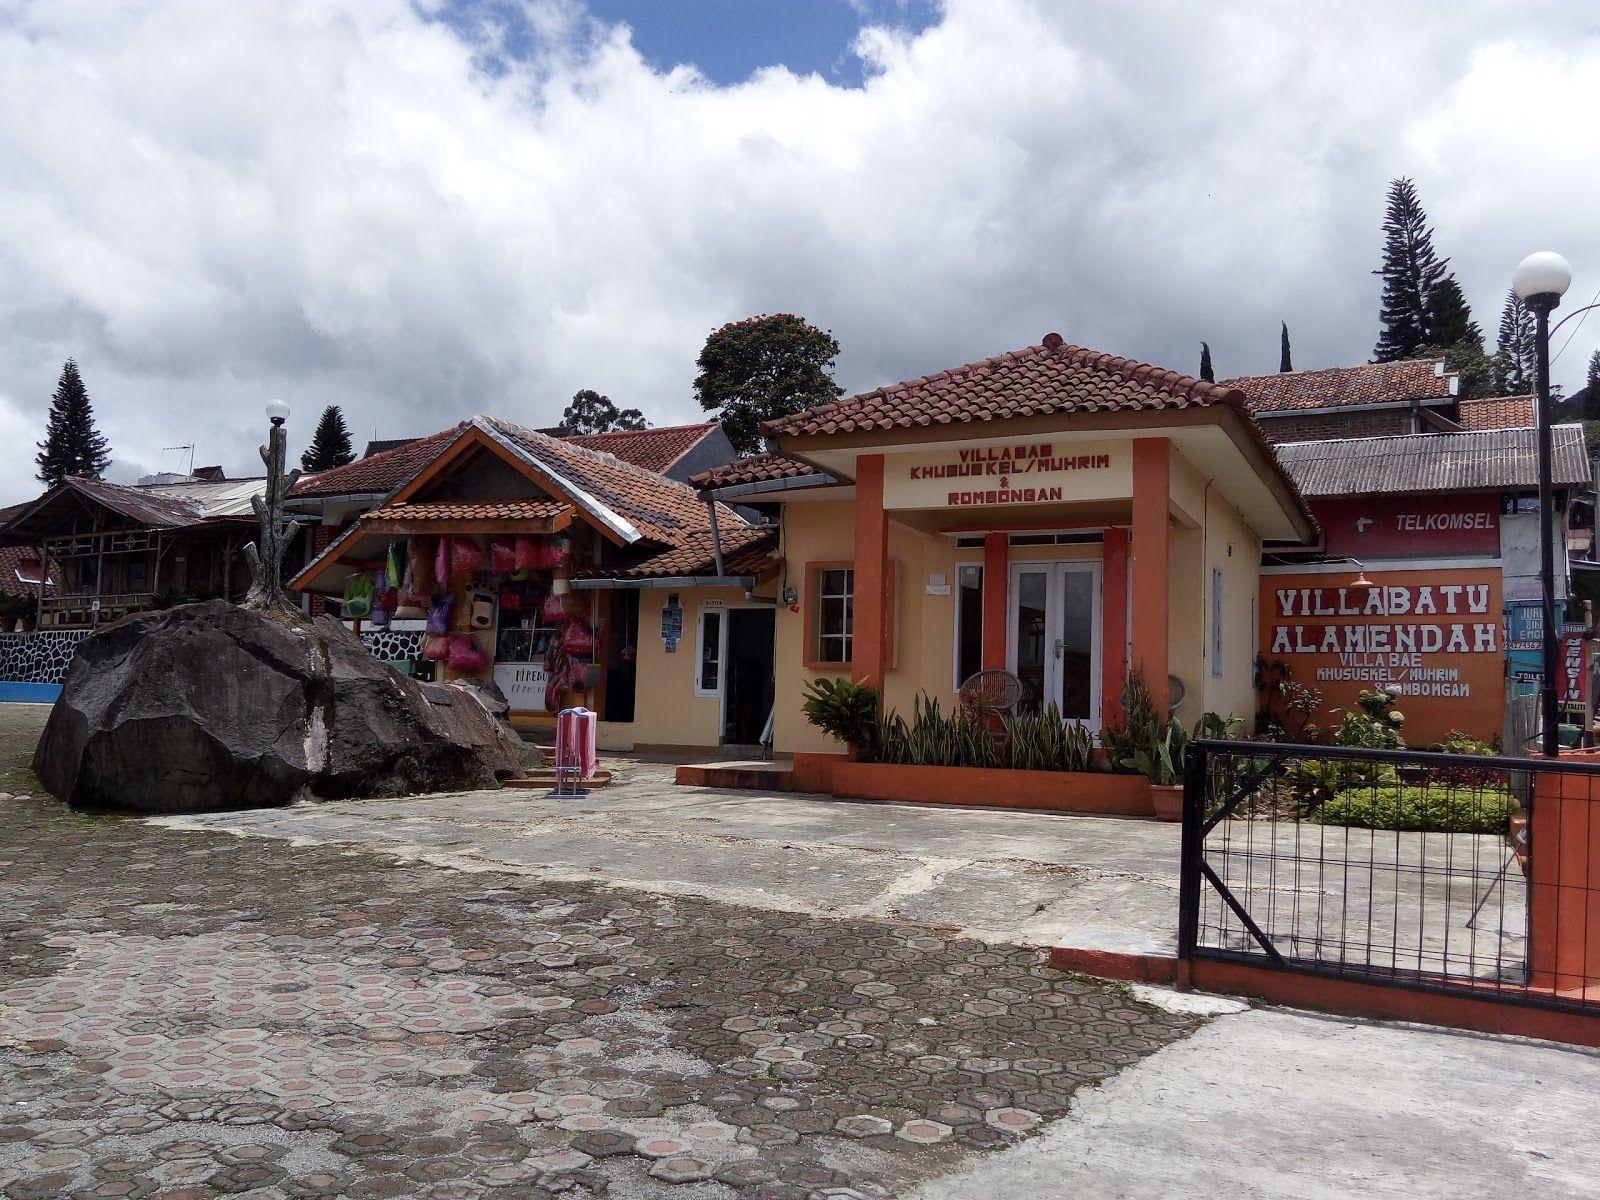 Villa Batu Alam Endah, Bandung